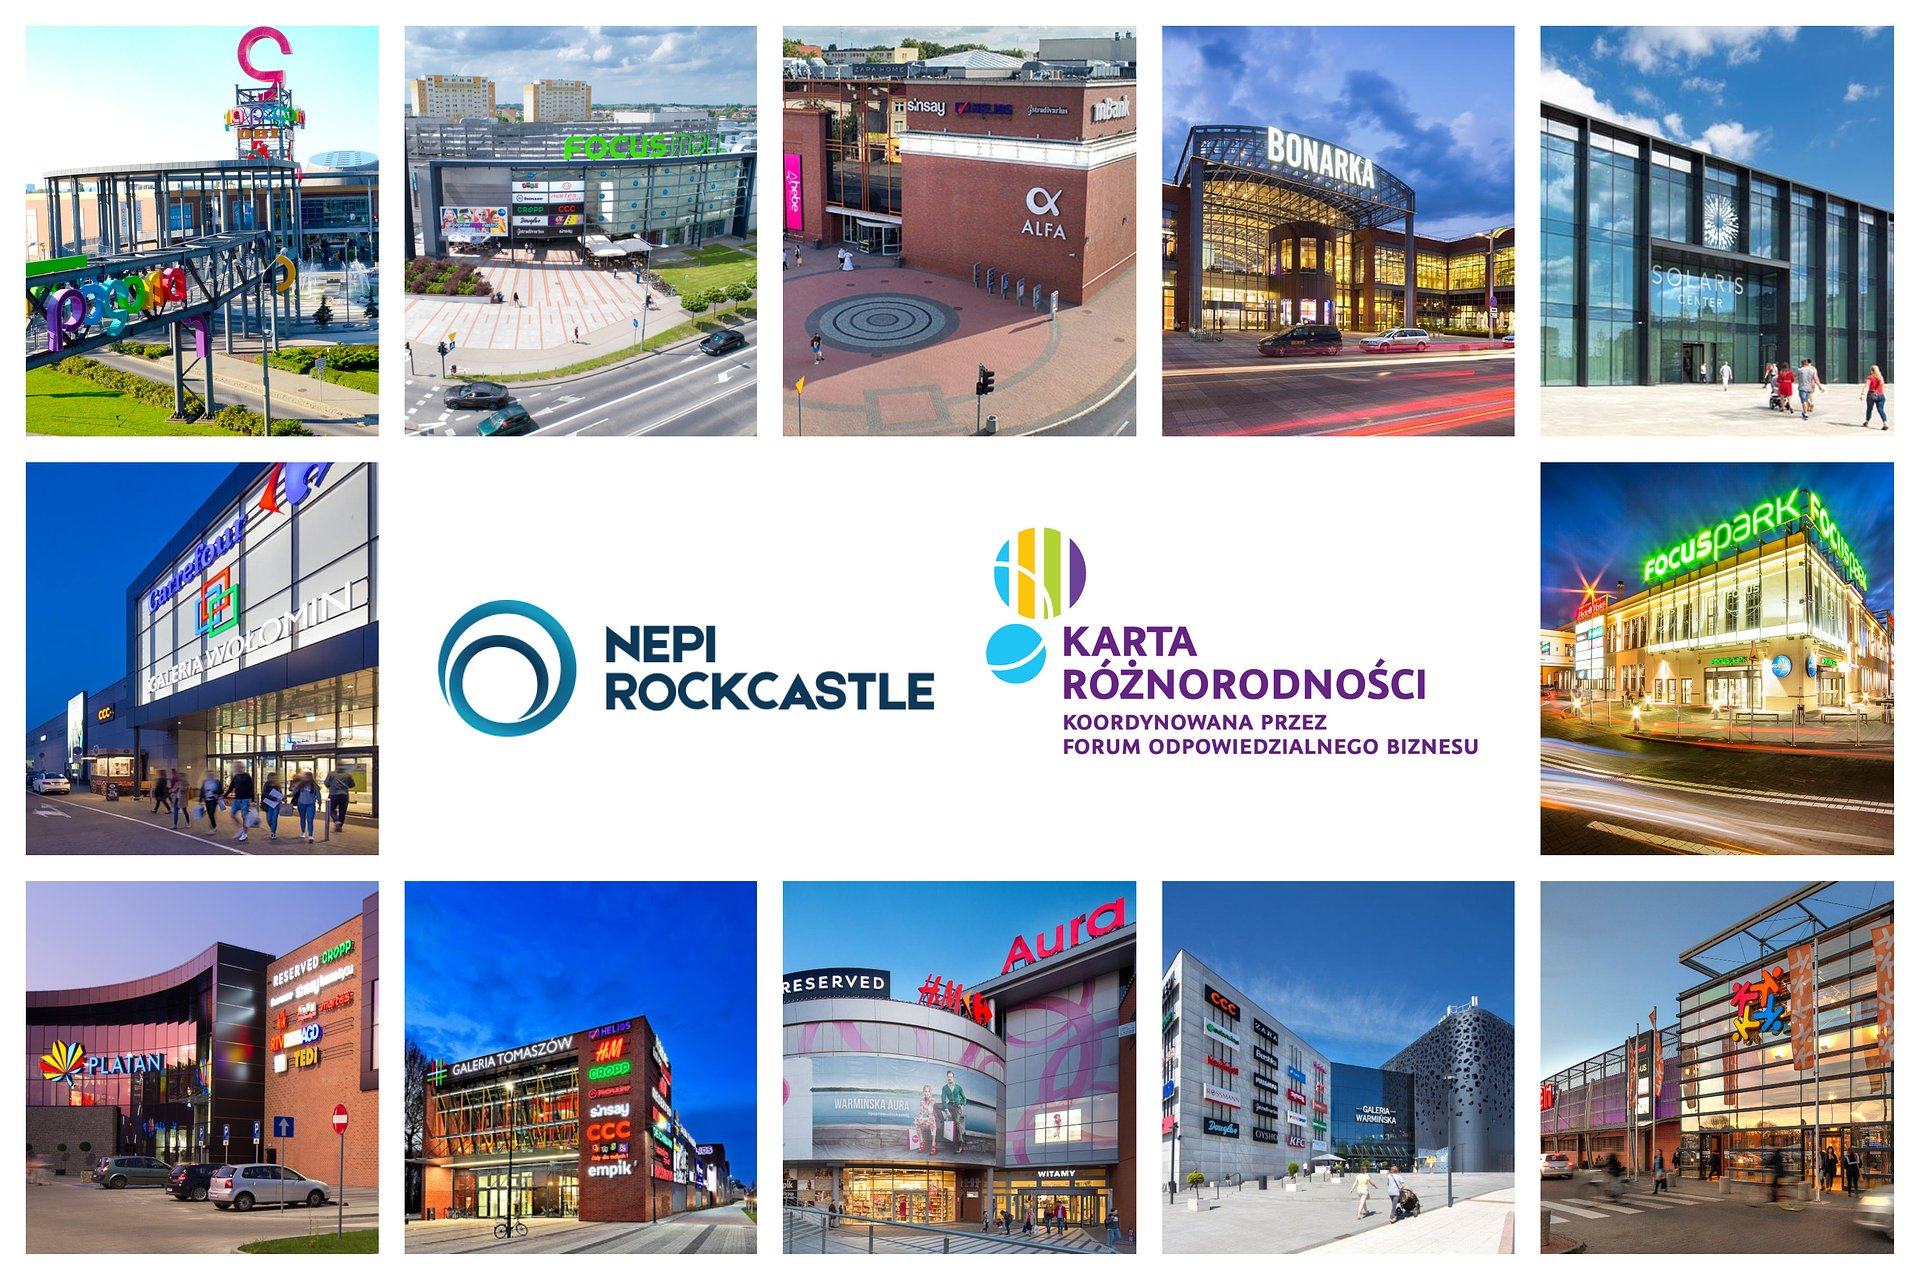 Różnorodność motorem napędowym NEPI Rockcastle